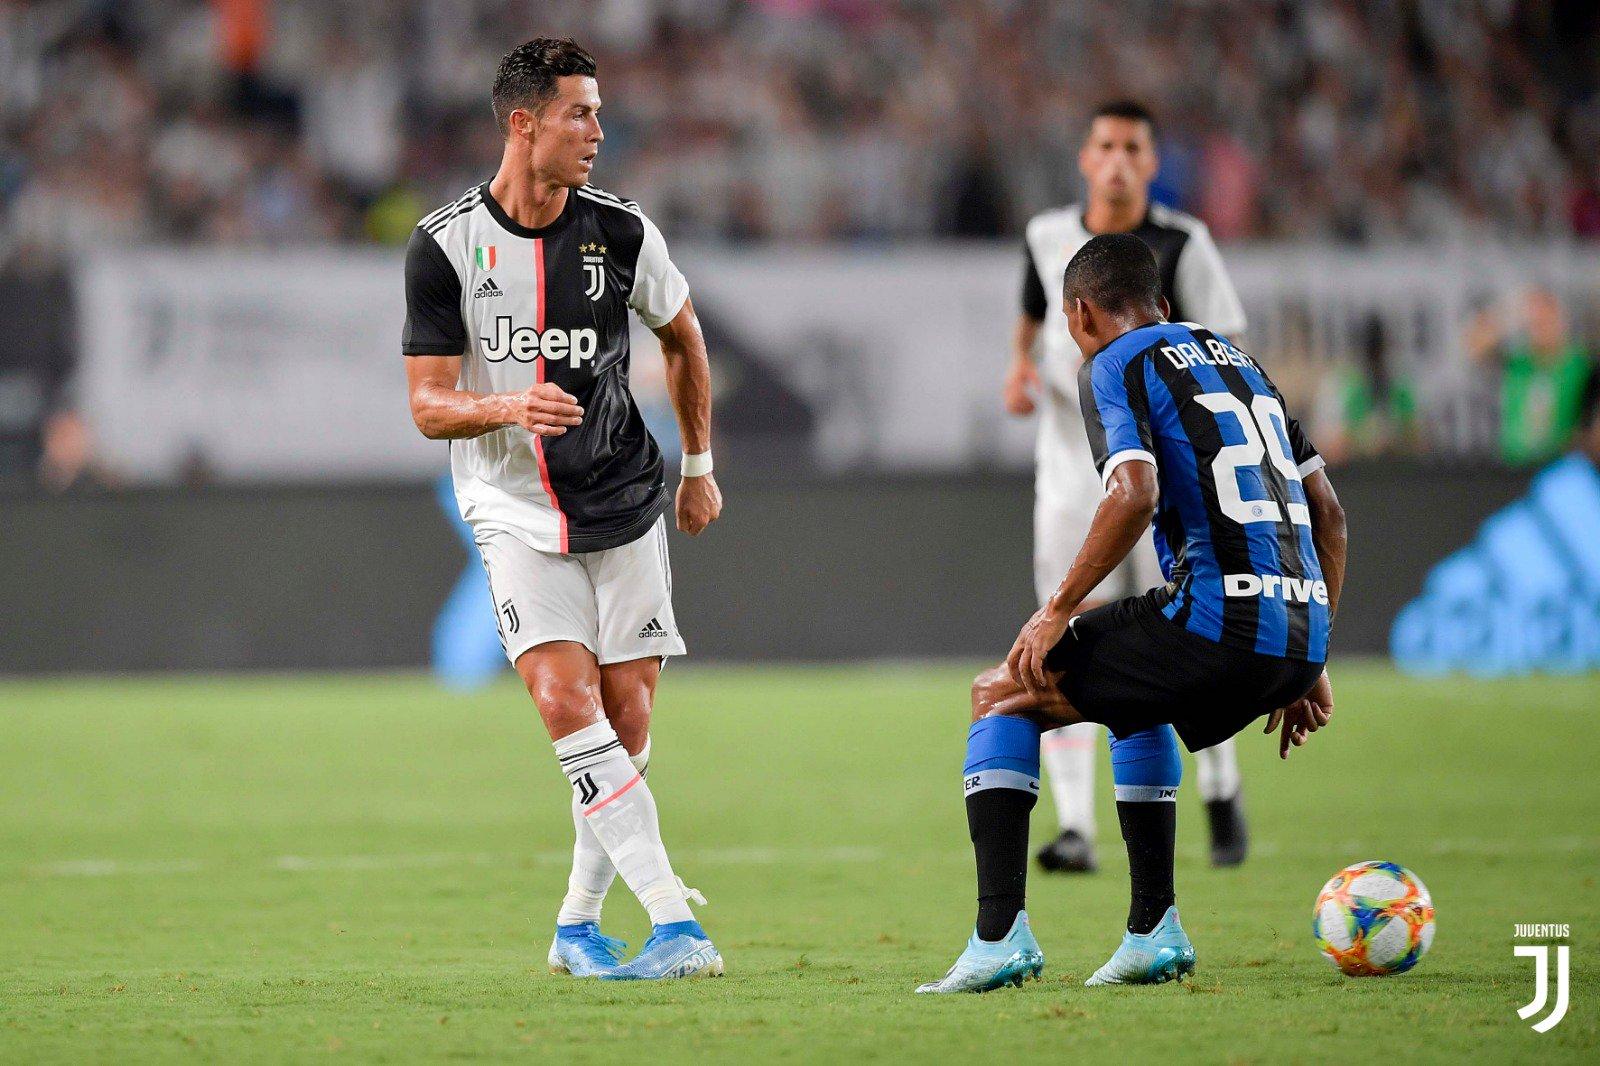 Il Giornale: è lotta tra Inter e Juve per accaparrarsi i soldi d'Oriente